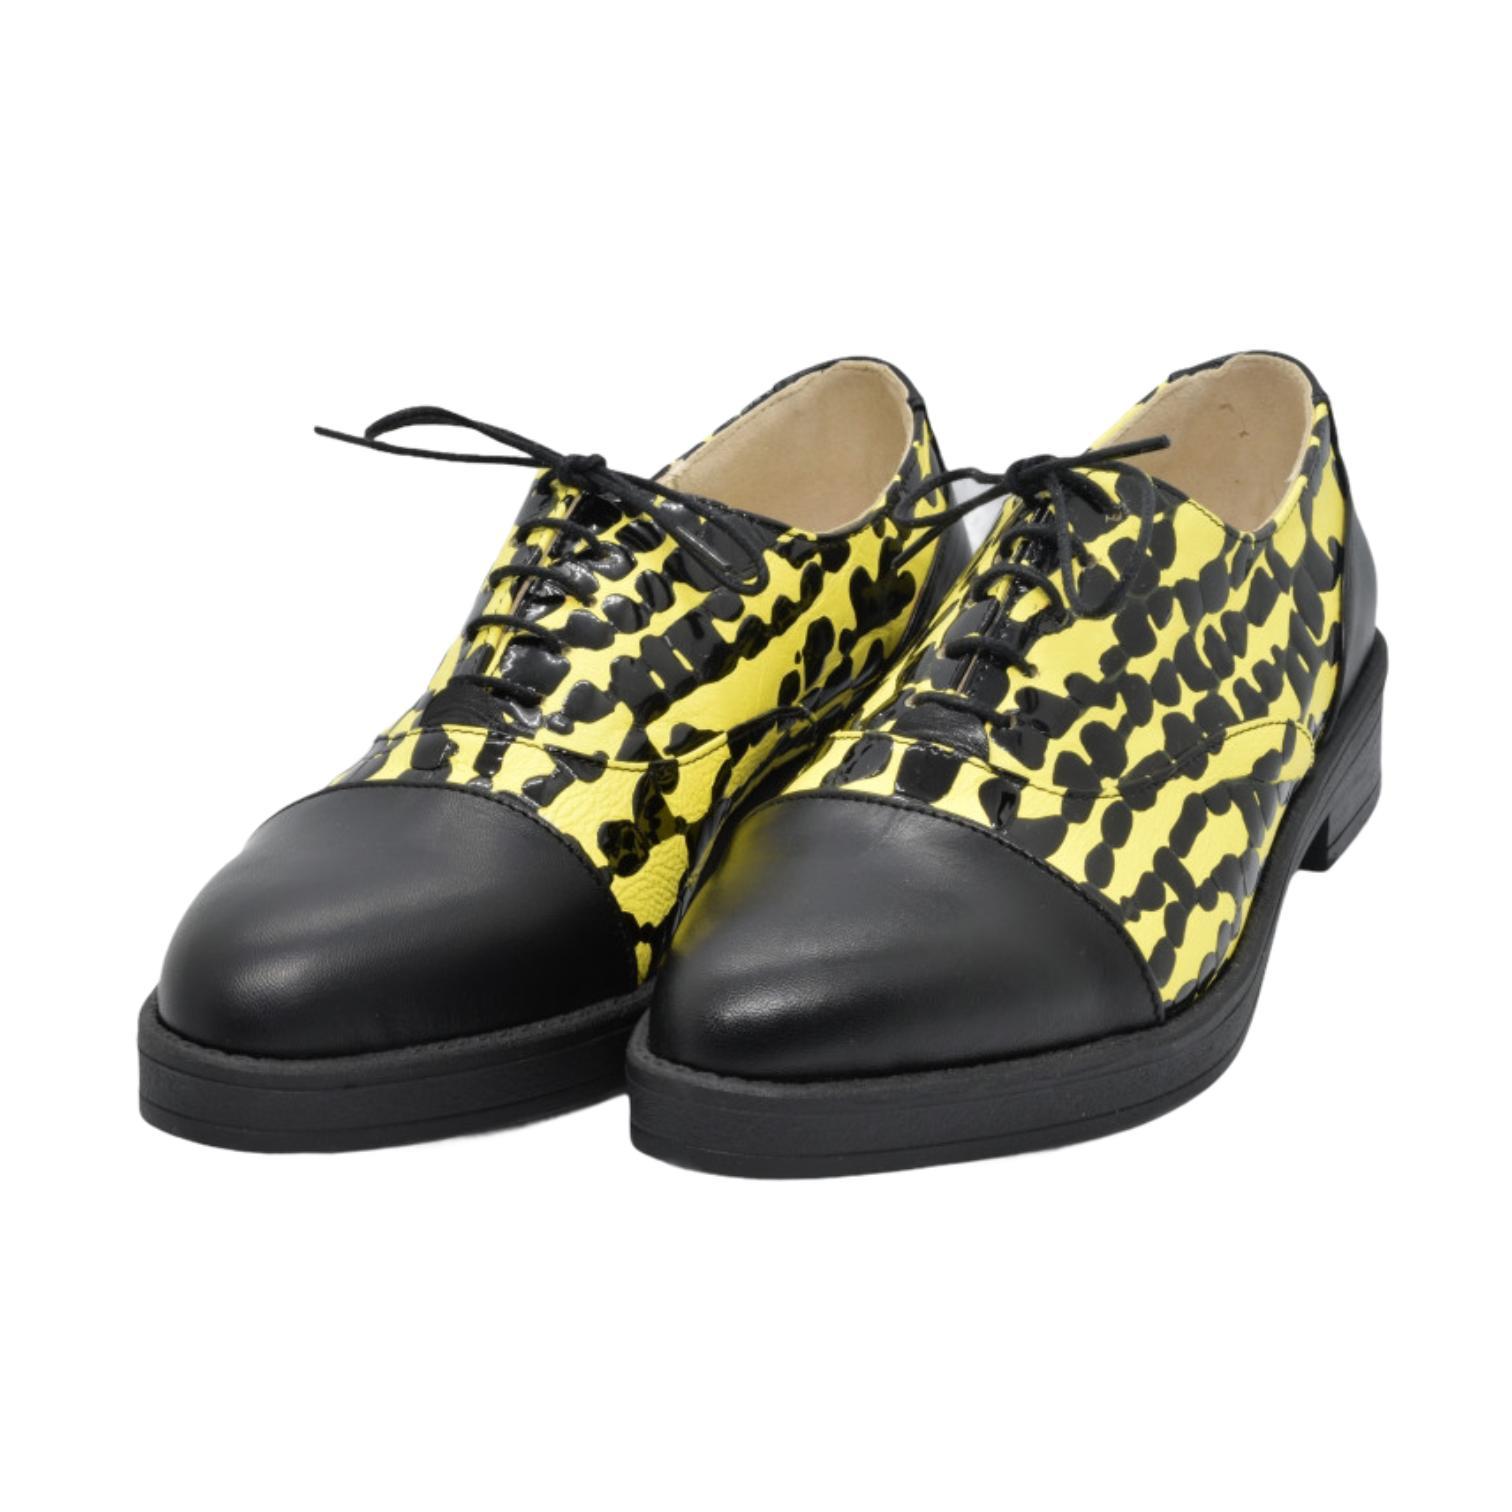 Pantofi negri combinati cu piele galbena cu model